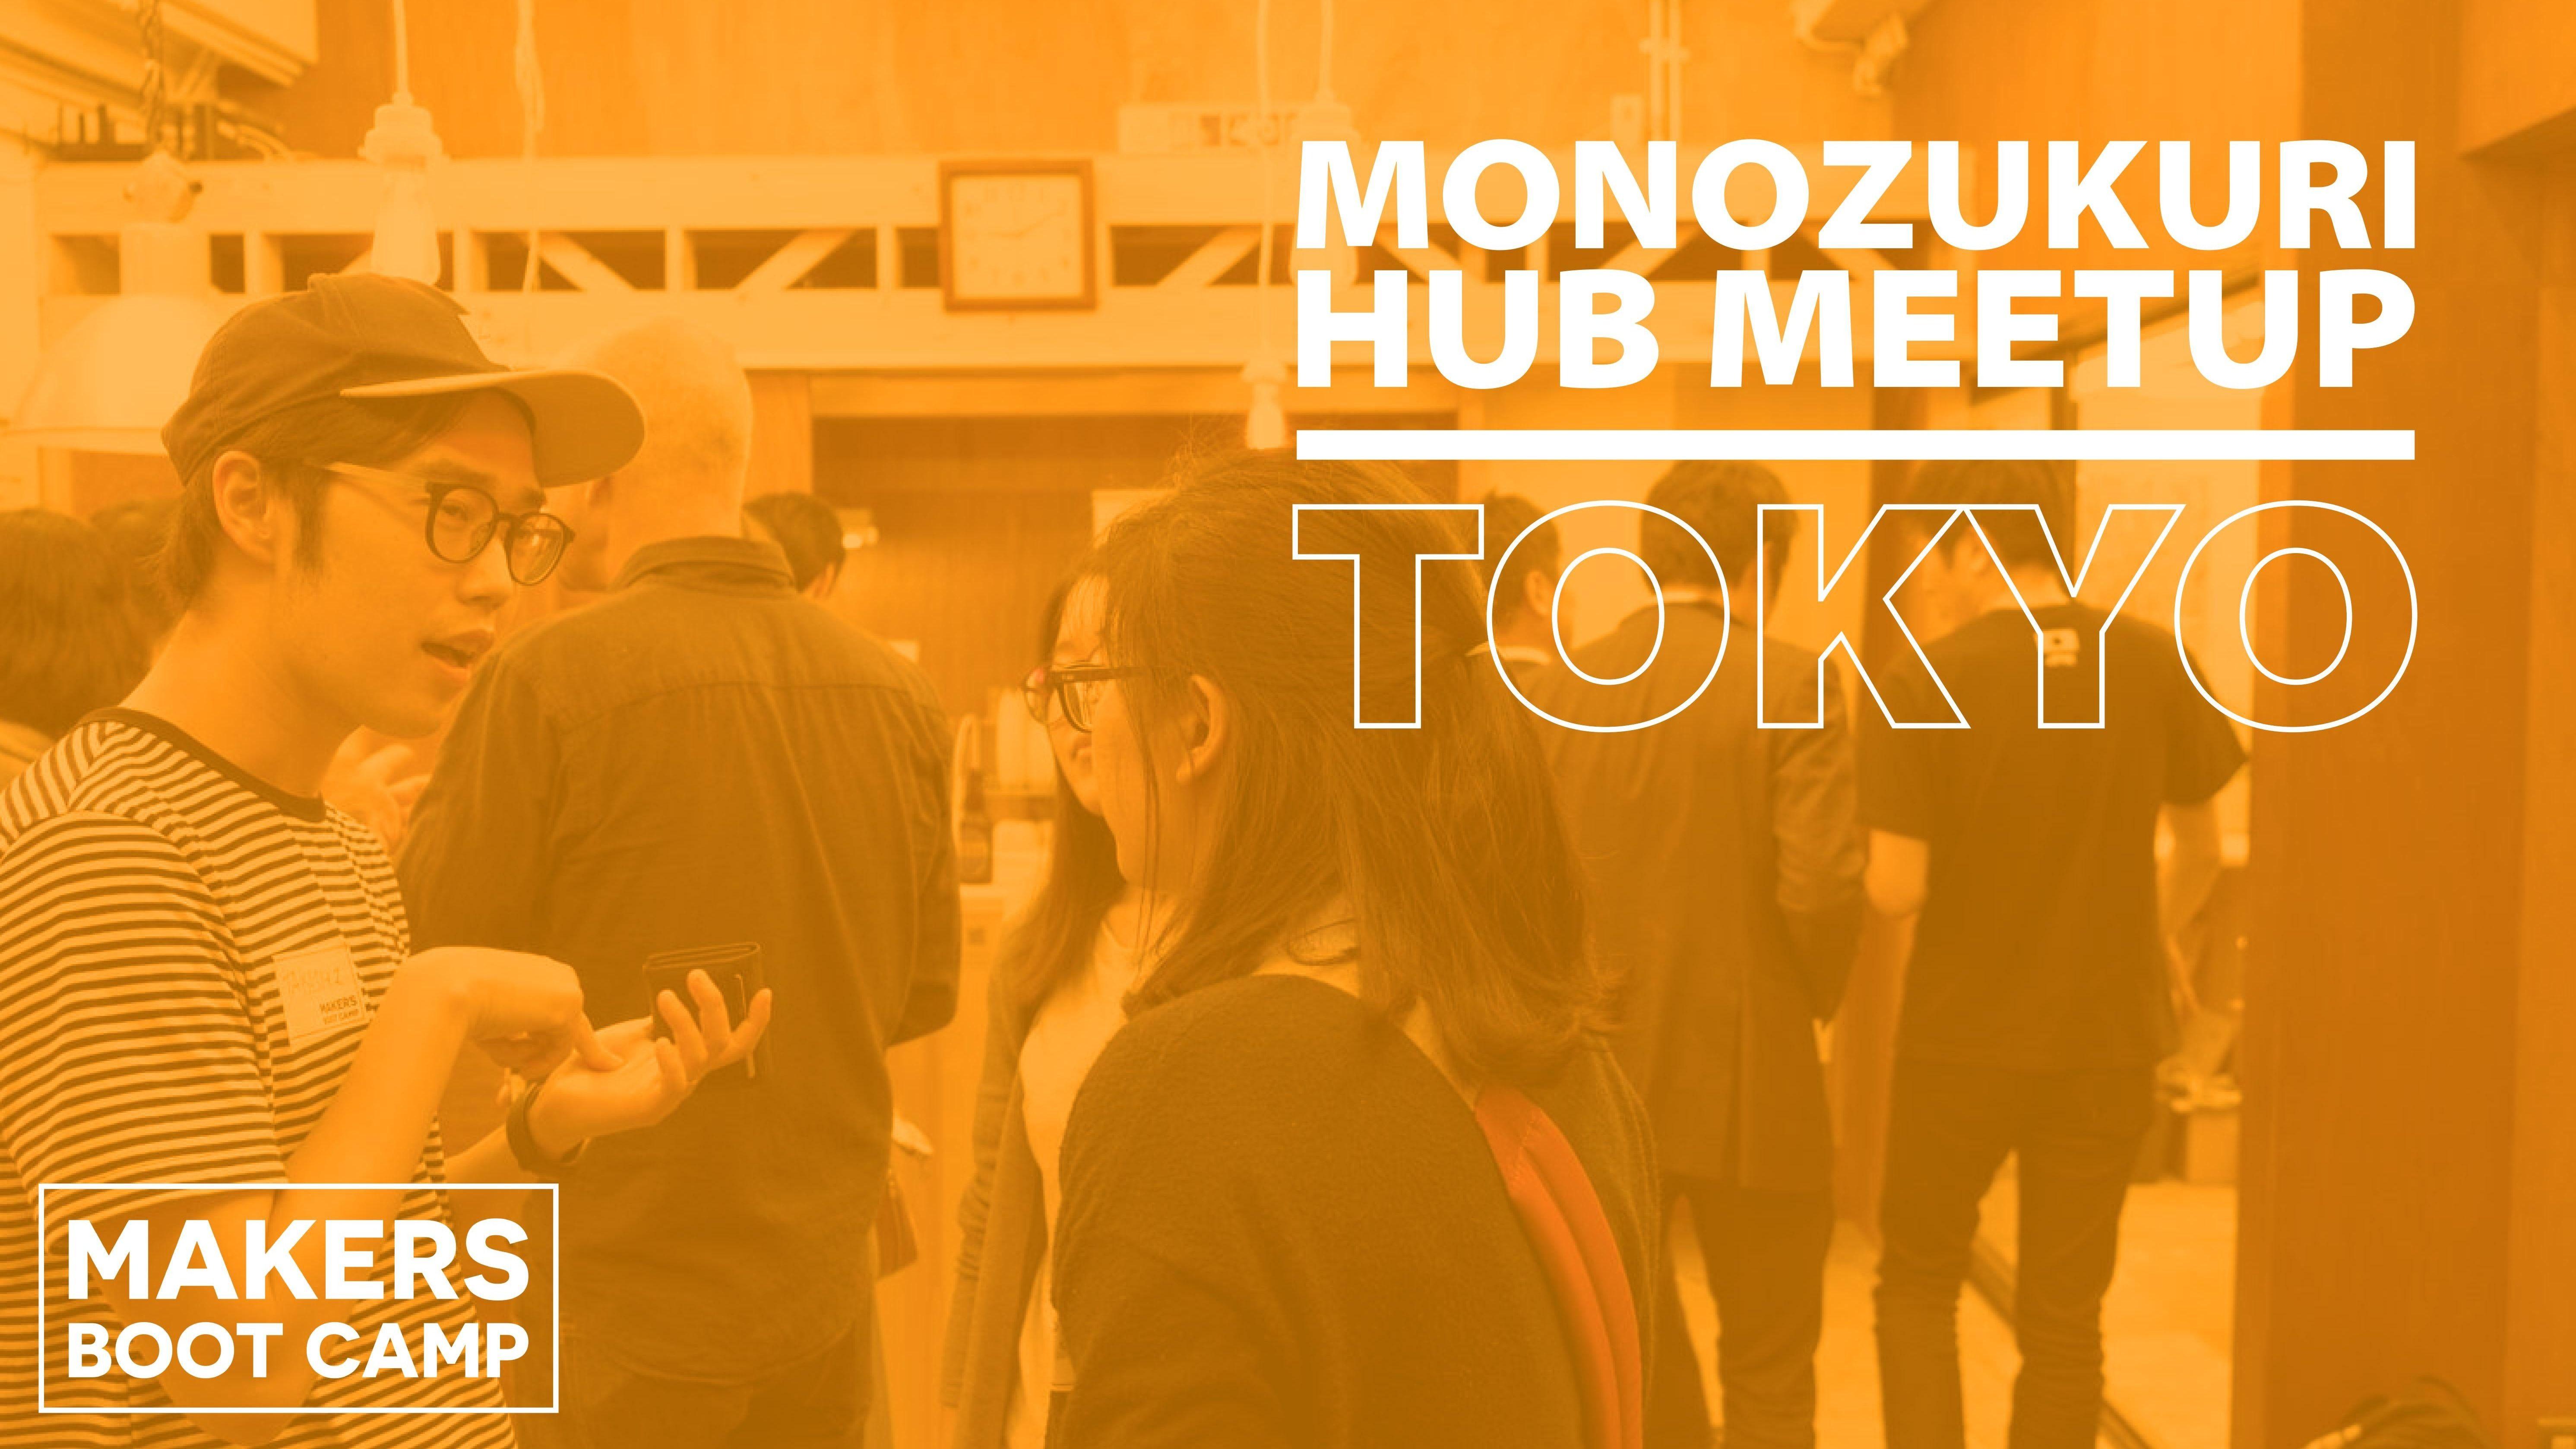 Monozukuri Hub Meetup Tokyo